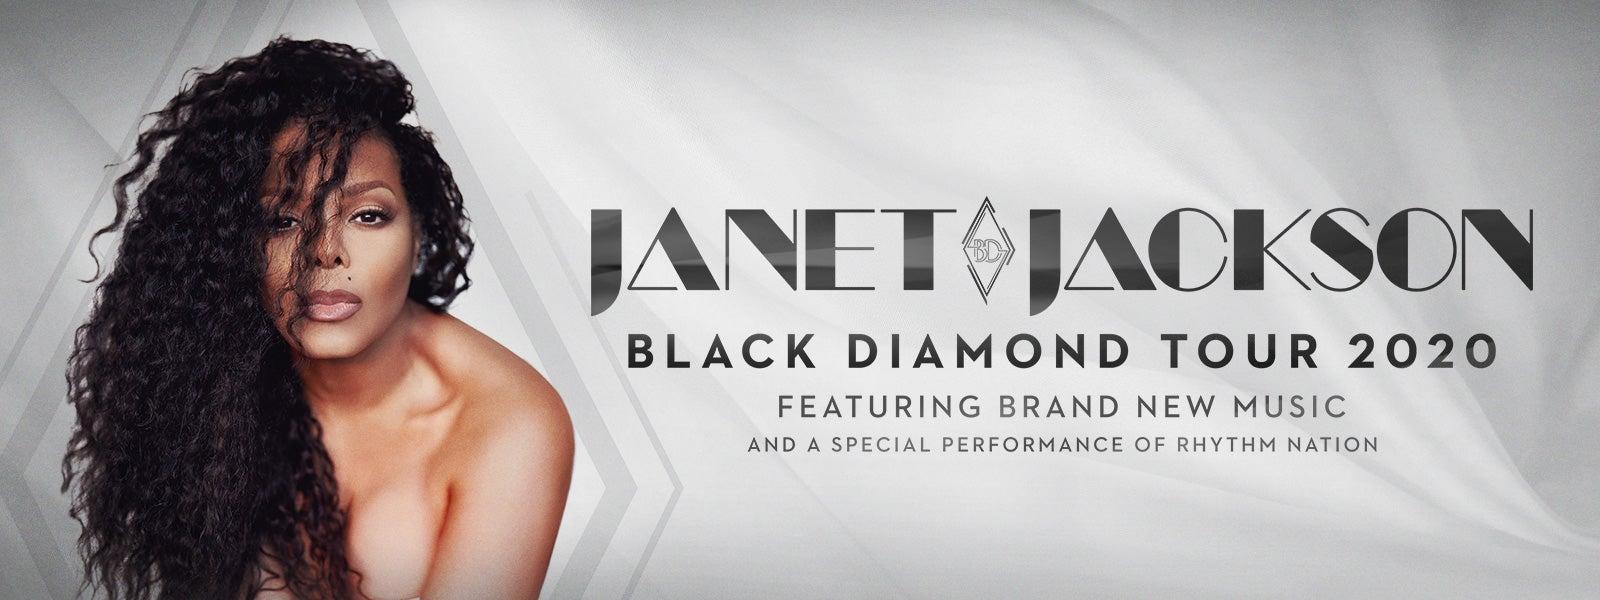 CANCELED - Janet Jackson